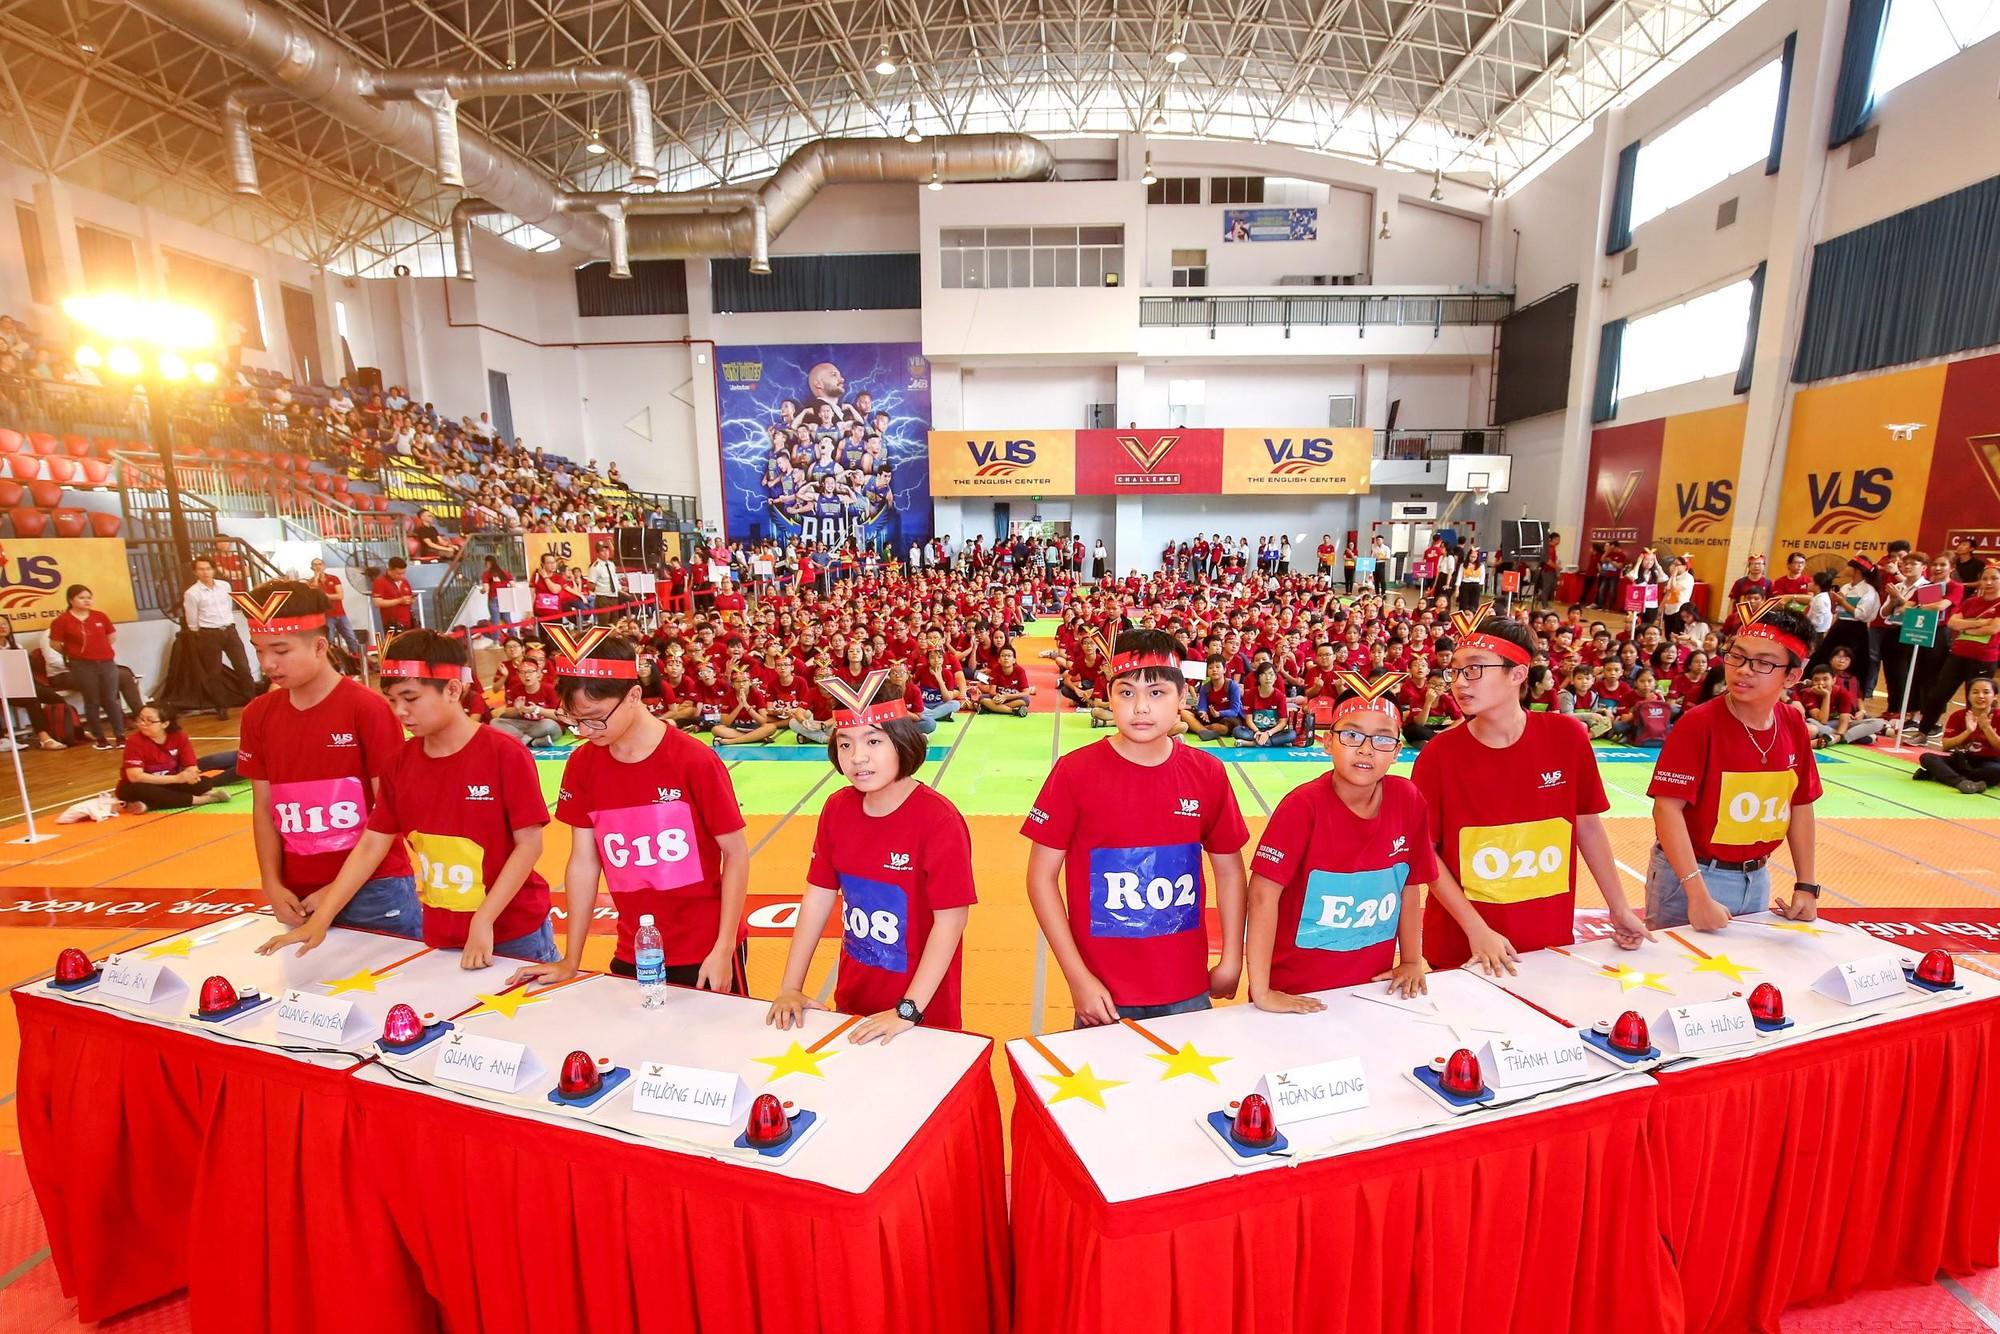 Chung kết V-Challenge 2019: Thử thách trí tuệ đầy hấp dẫn với 608 bạn trẻ học viên VUS - Ảnh 5.